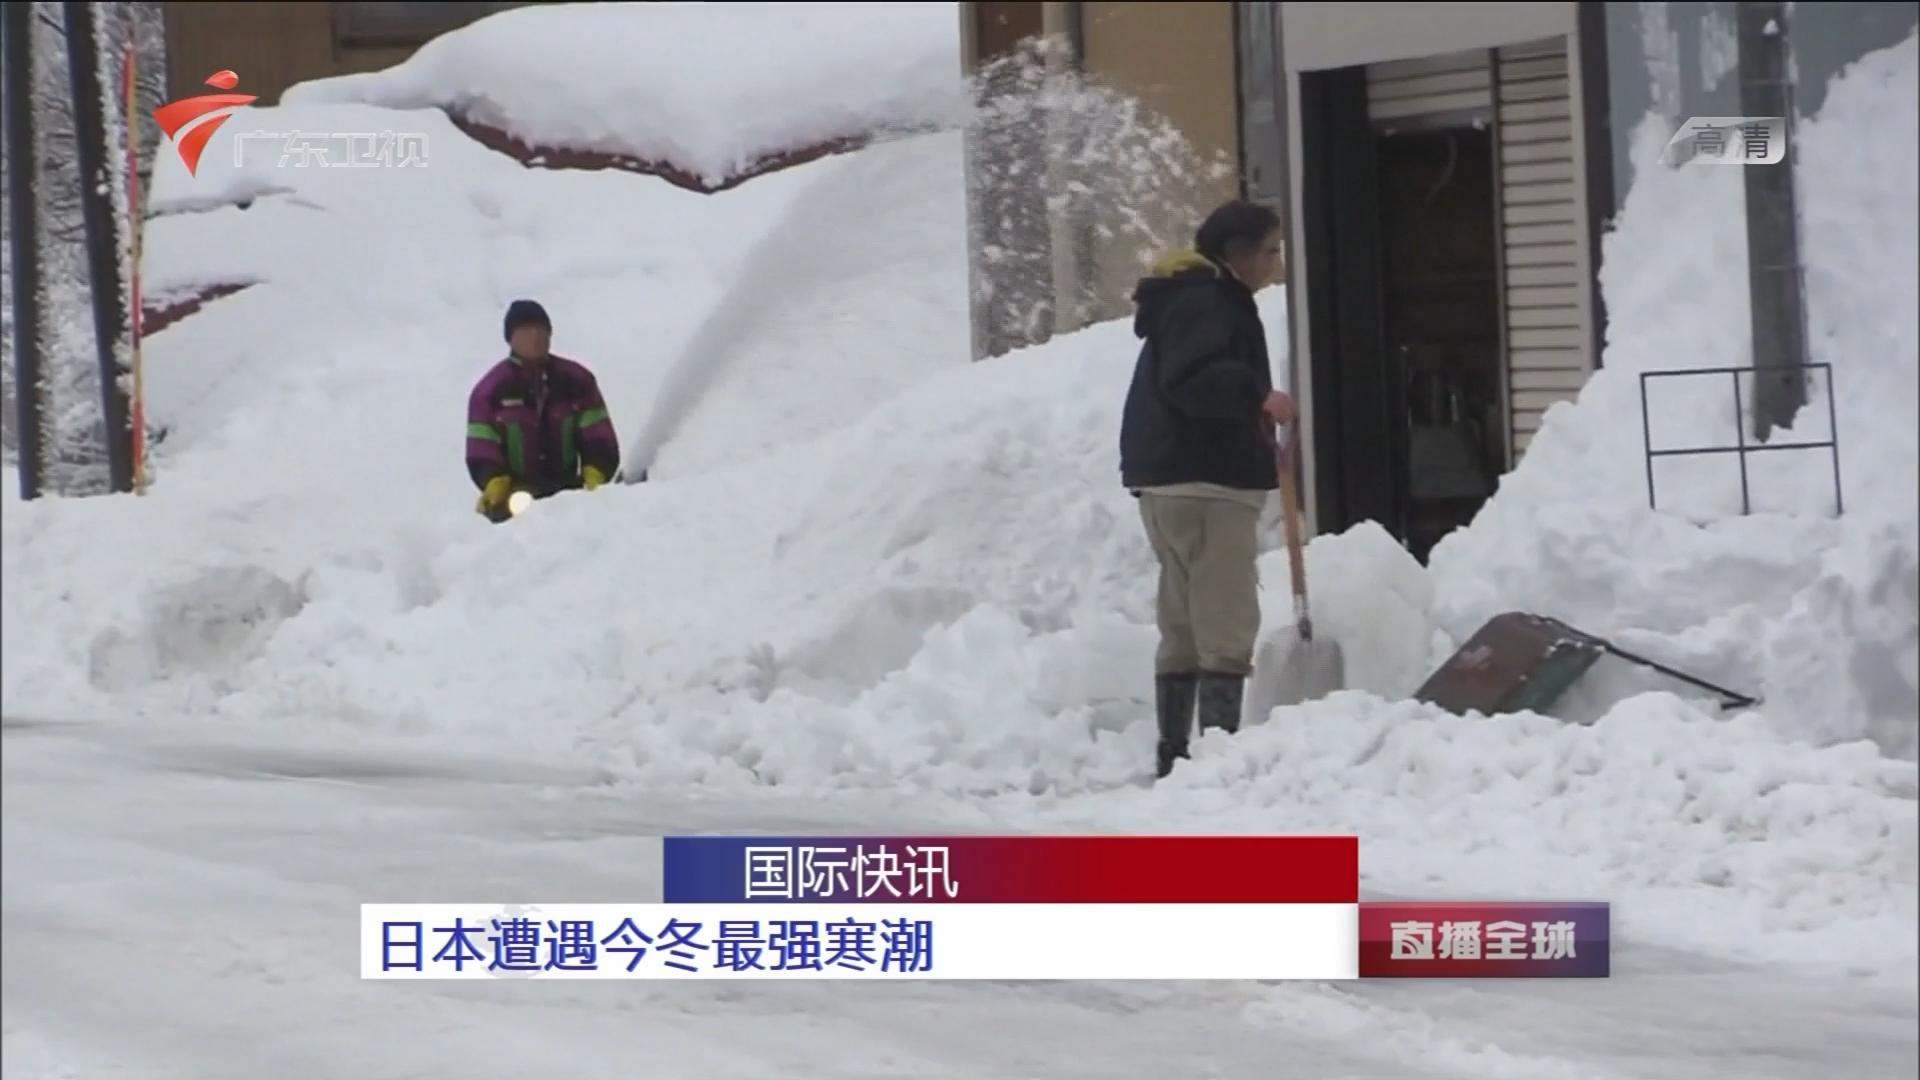 国际快讯:日本遭遇今冬最强寒潮